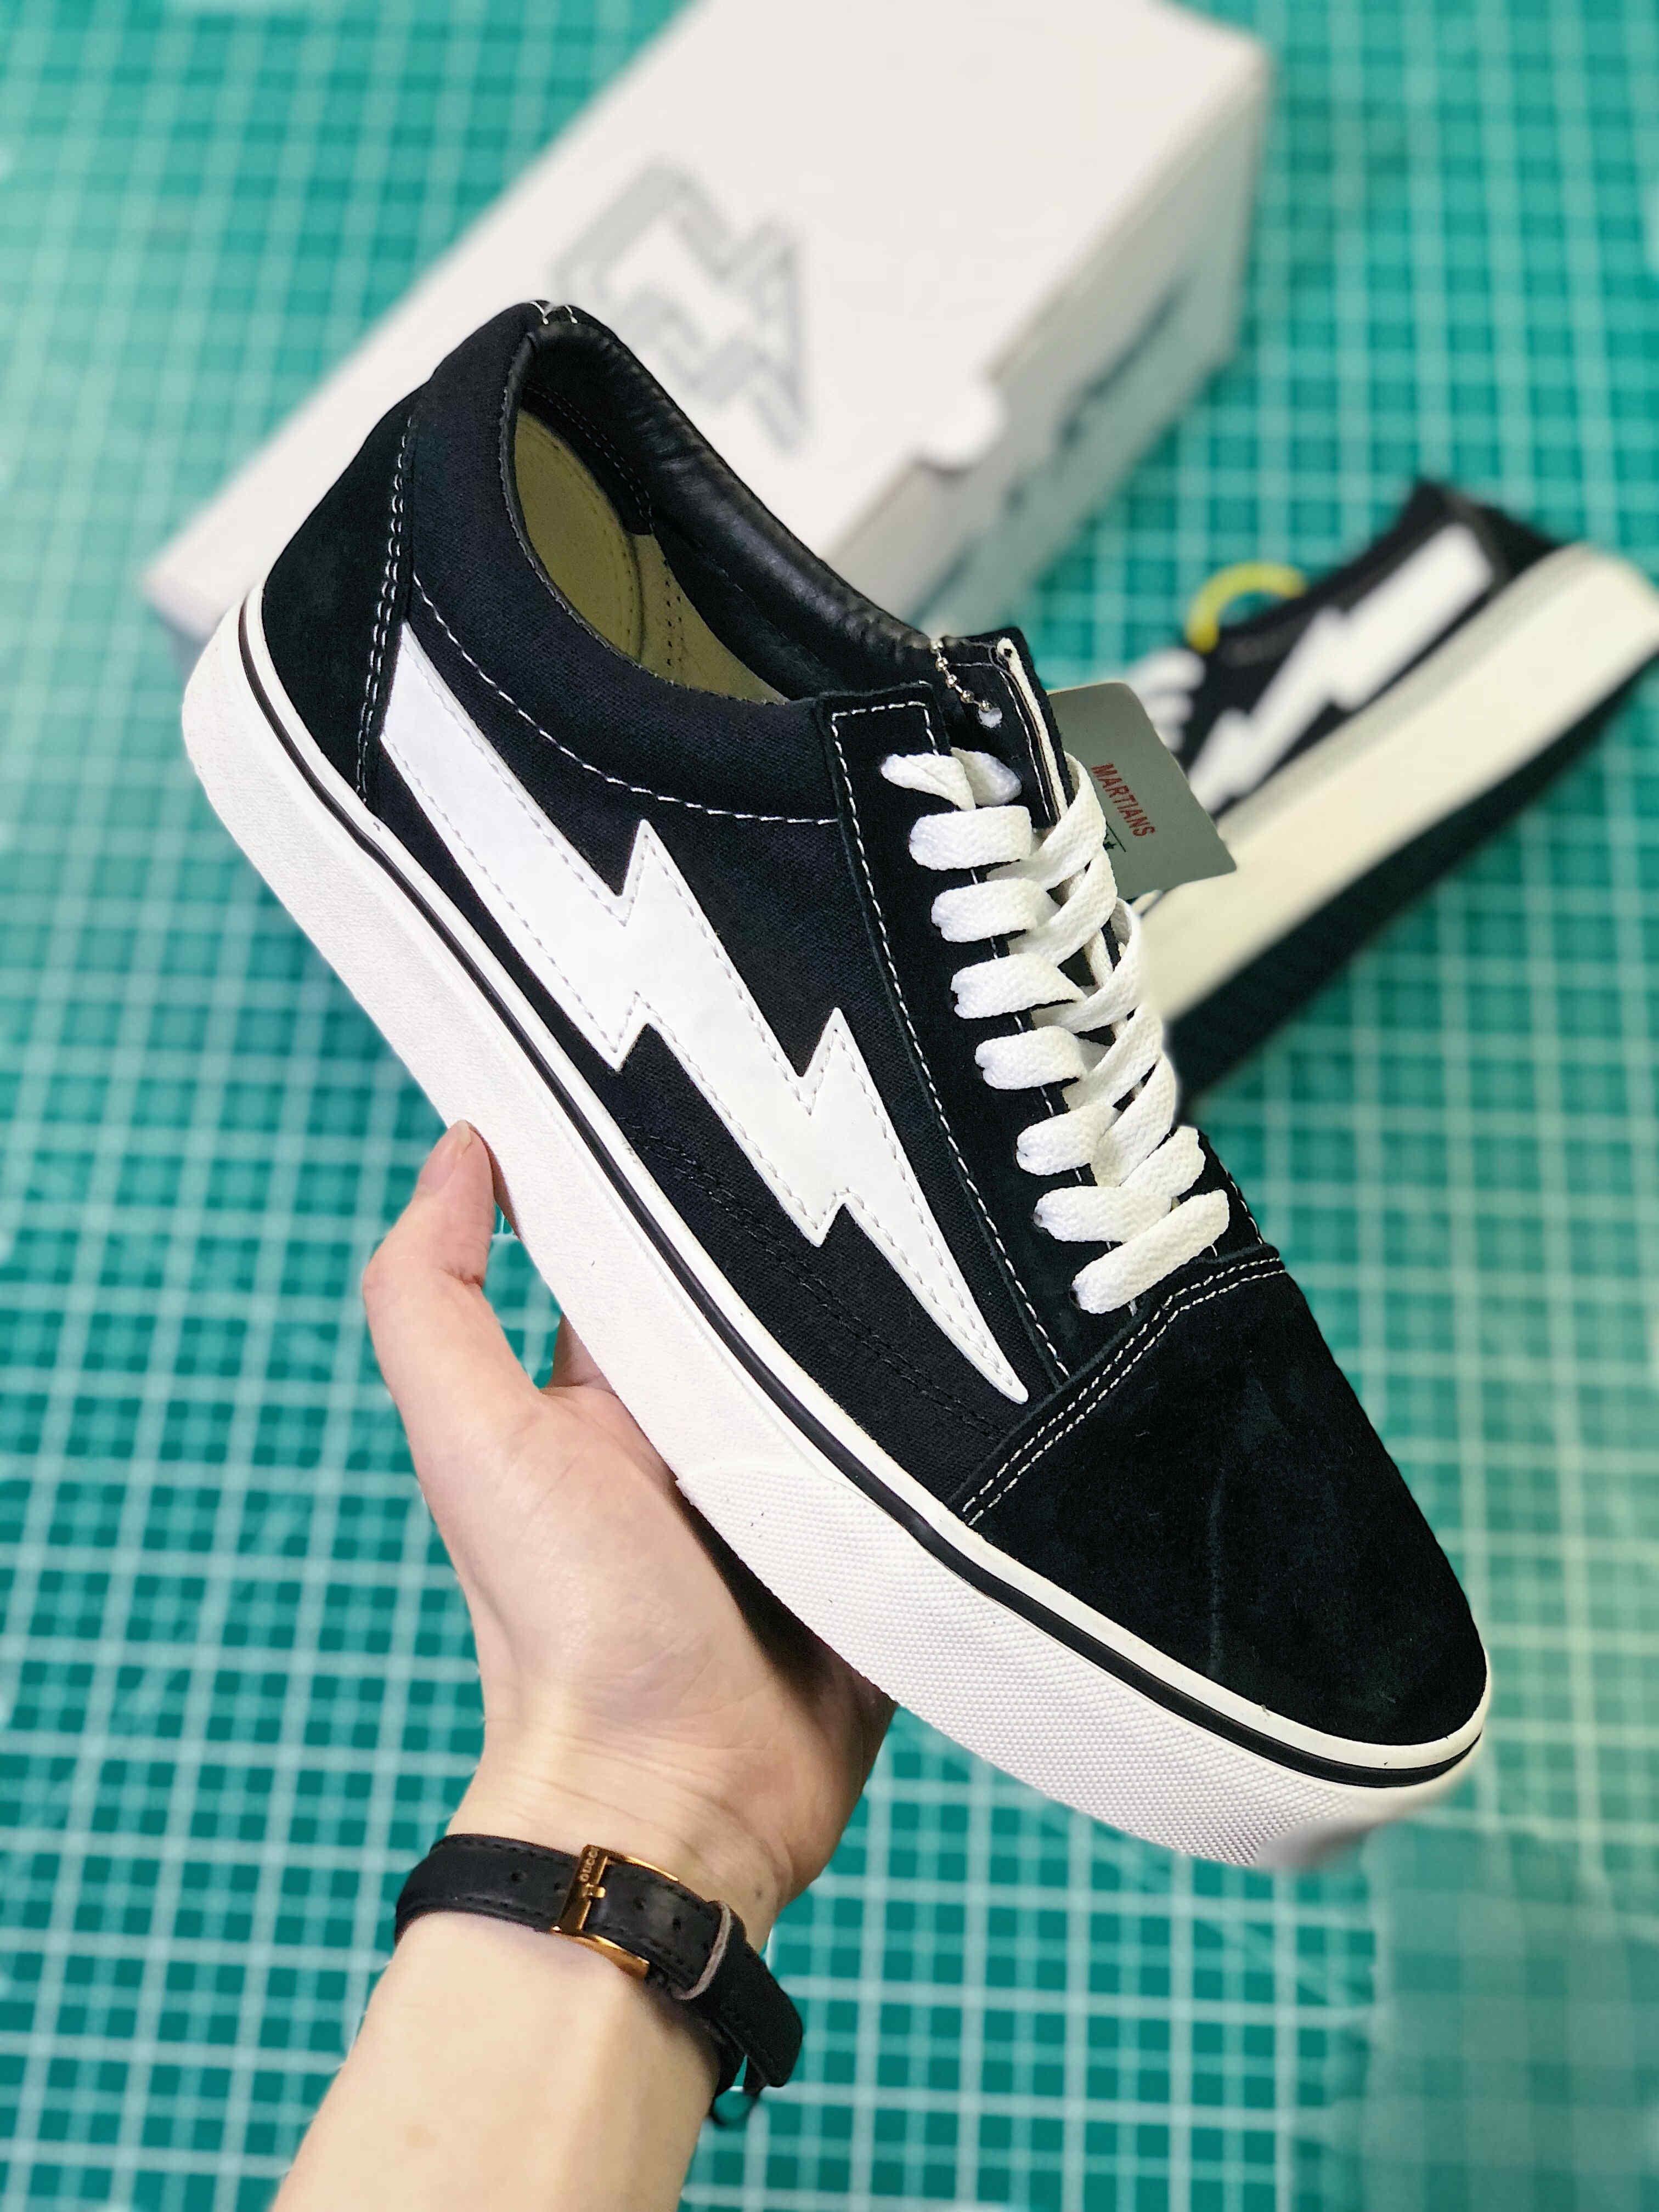 Yeni 2018 İntikam X Fırtına Sneakers kanye batı calabasas Casual Ayakkabı Erkekler Kadınlar Old Skool İntikamı X Fırtına Tuval Ayakkabı